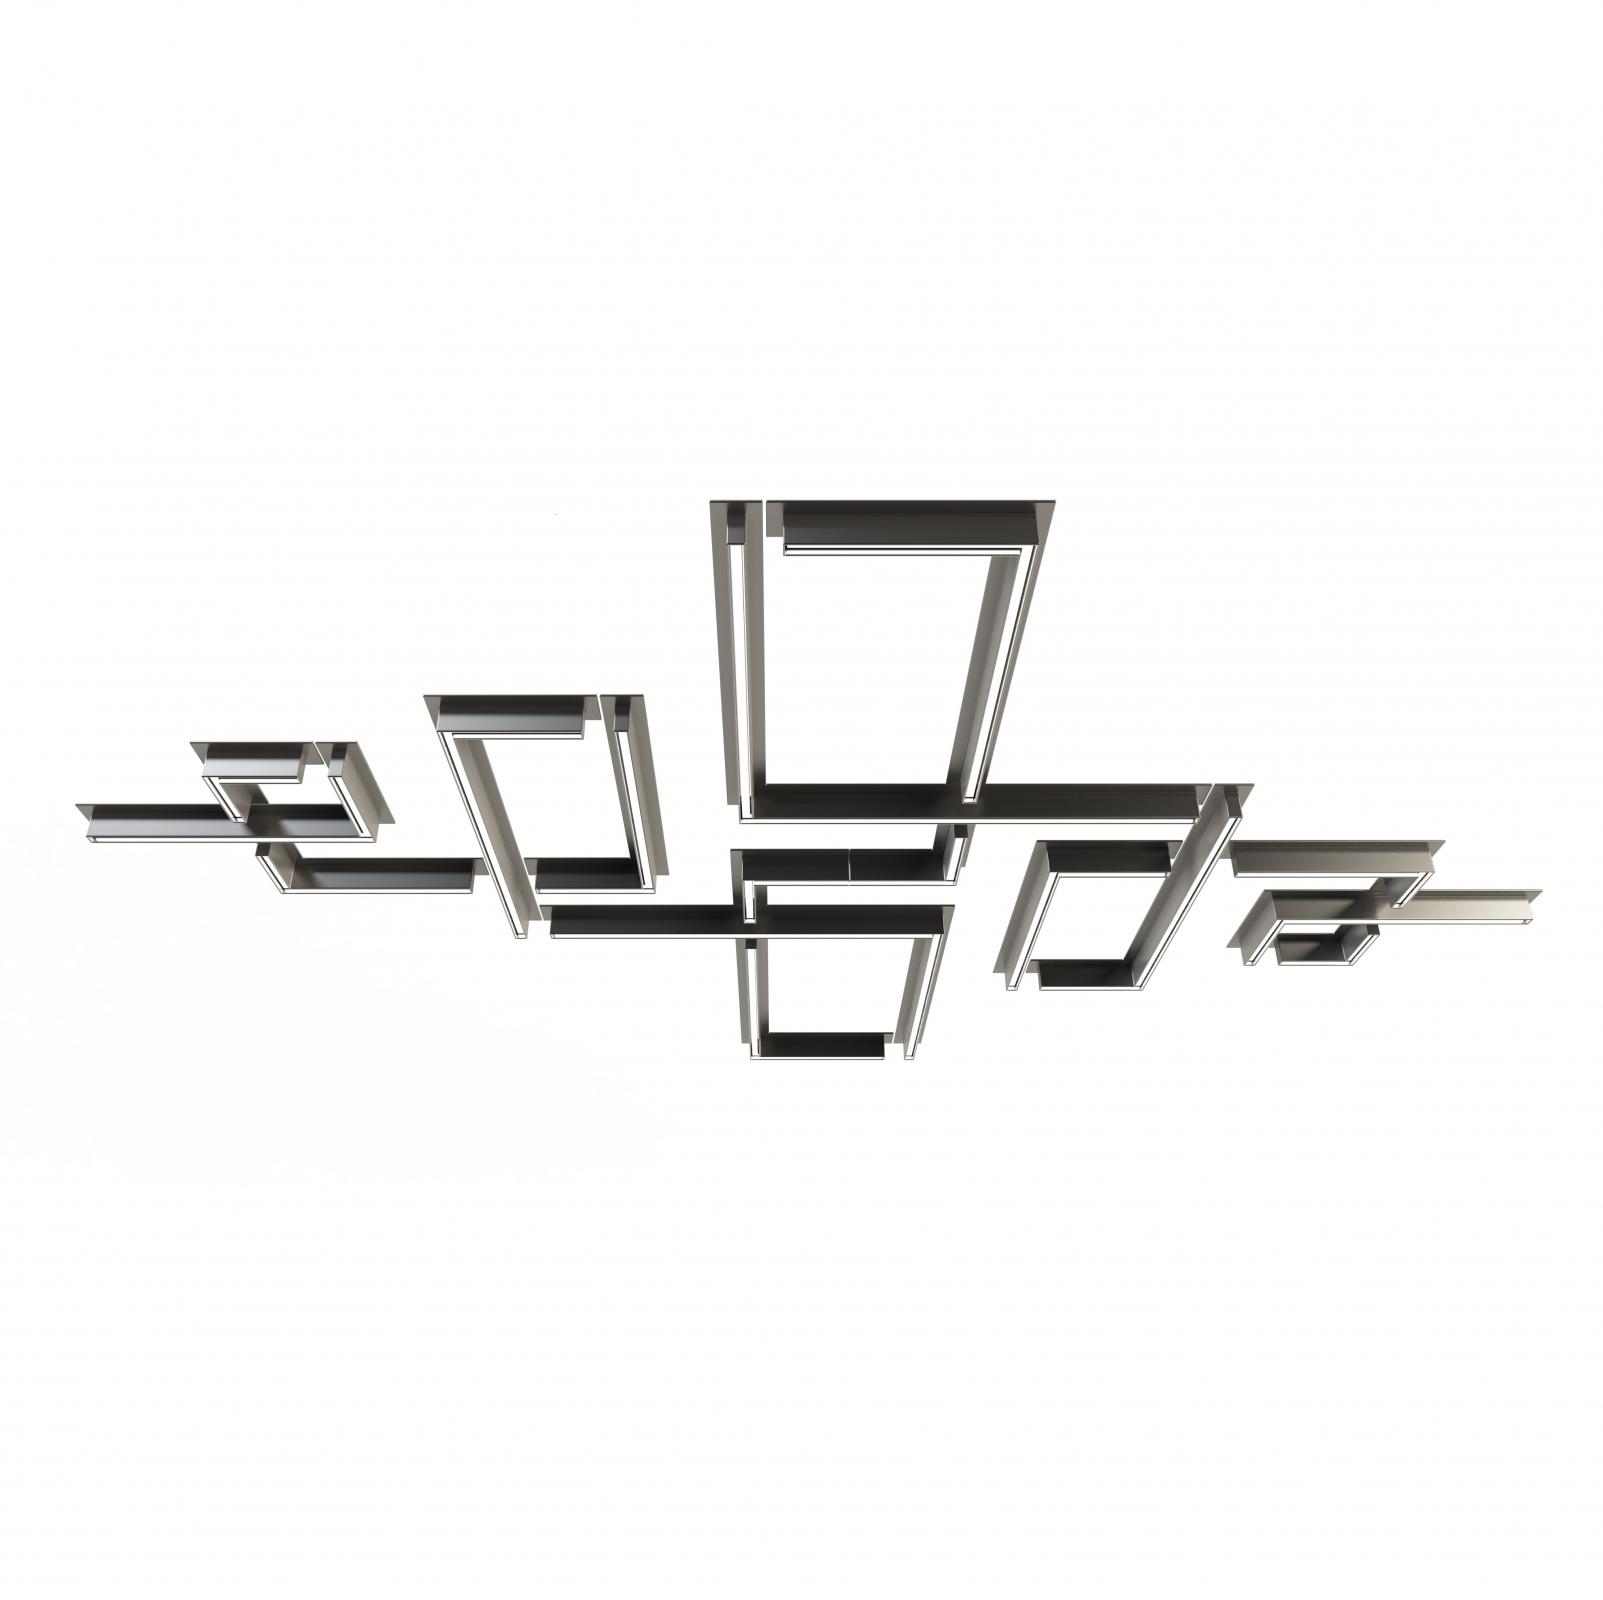 appareils d 39 clairage maze 02 i lumi res et lampes en suisse artglass. Black Bedroom Furniture Sets. Home Design Ideas